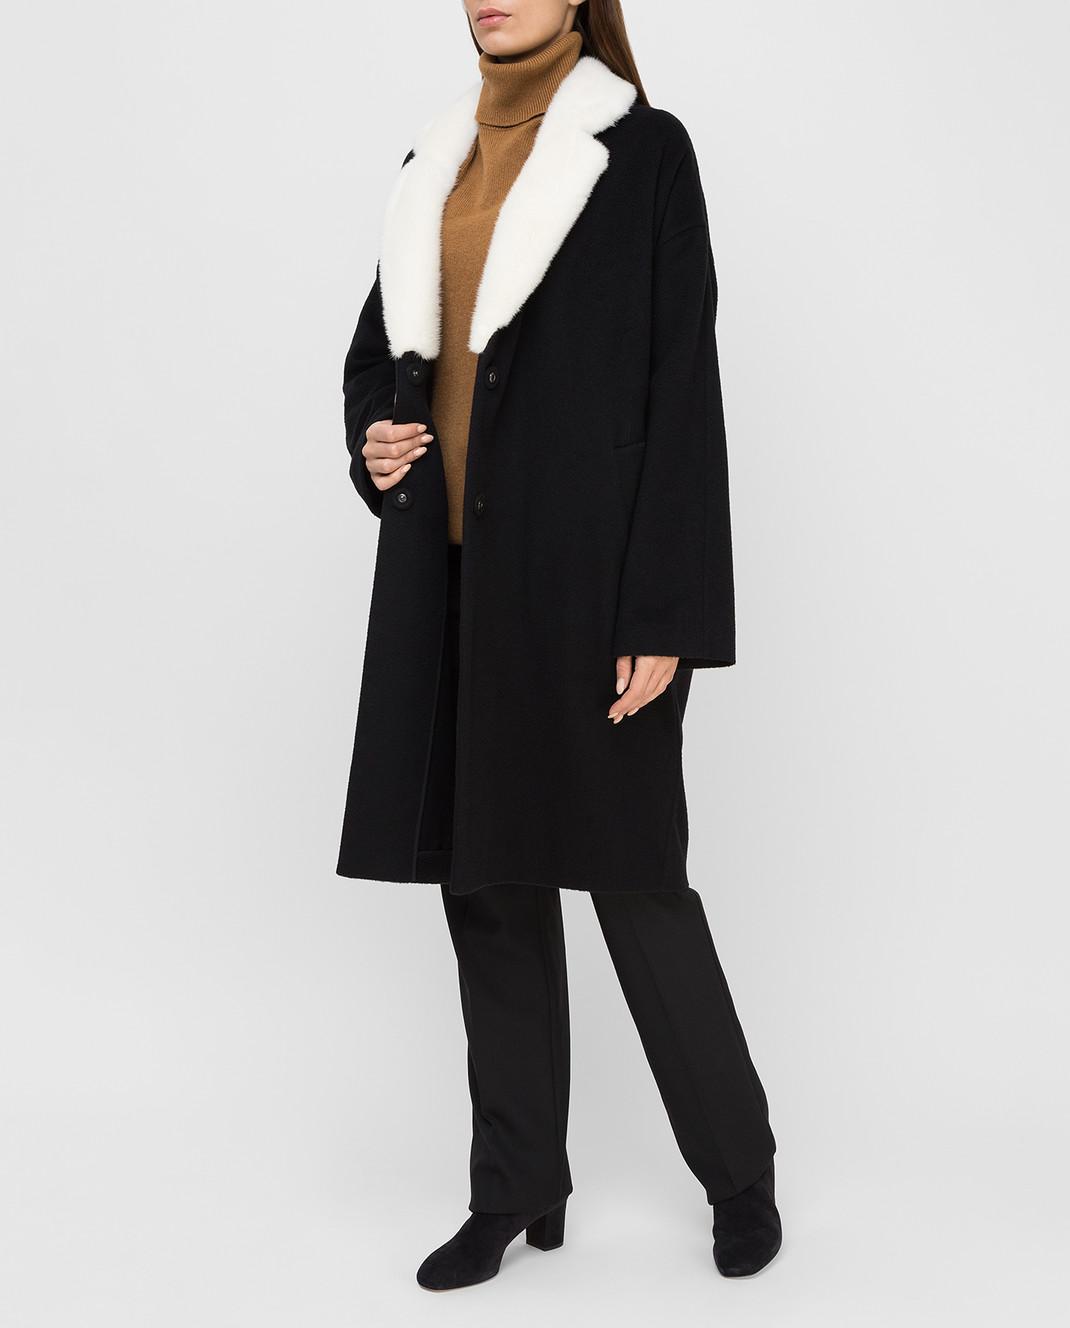 Via Cappella Черное пальто из кашемира с мехом норки C1017CASHMEREBLCOLLARM изображение 2